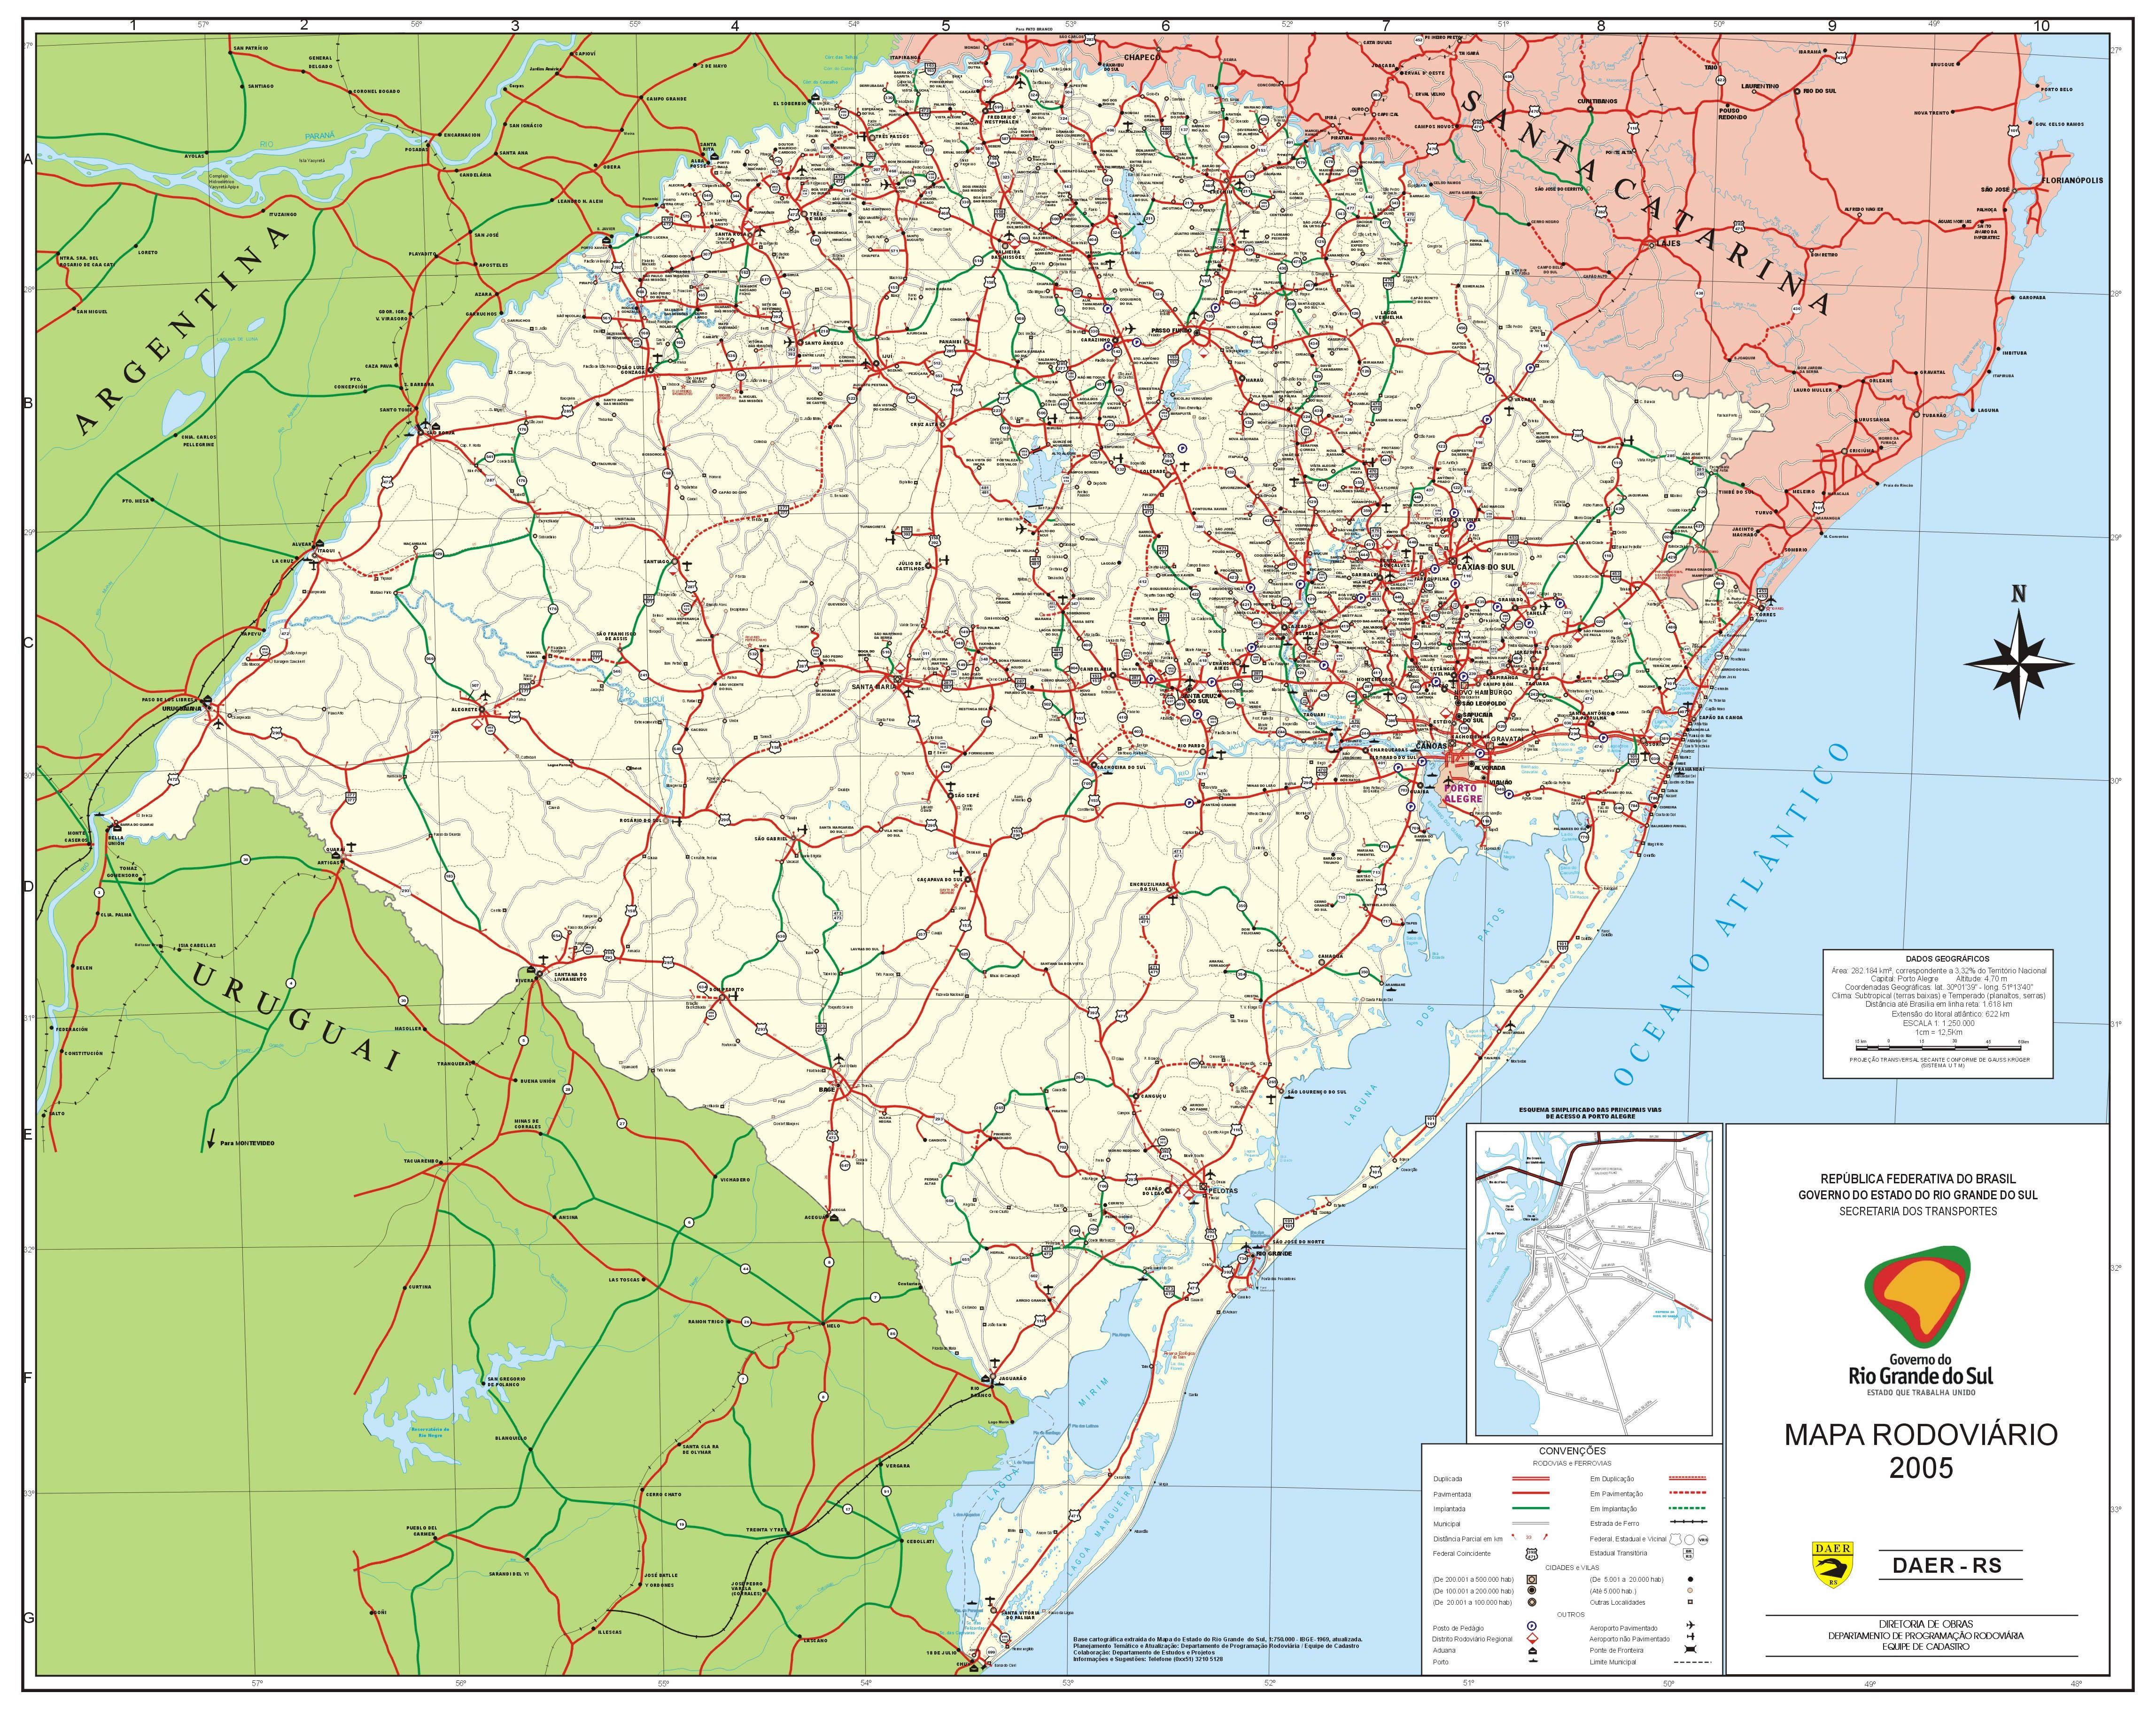 fda0954b1 Mapa Rodoviário do Rio Grande do Sul - Mapas - InfoEscola